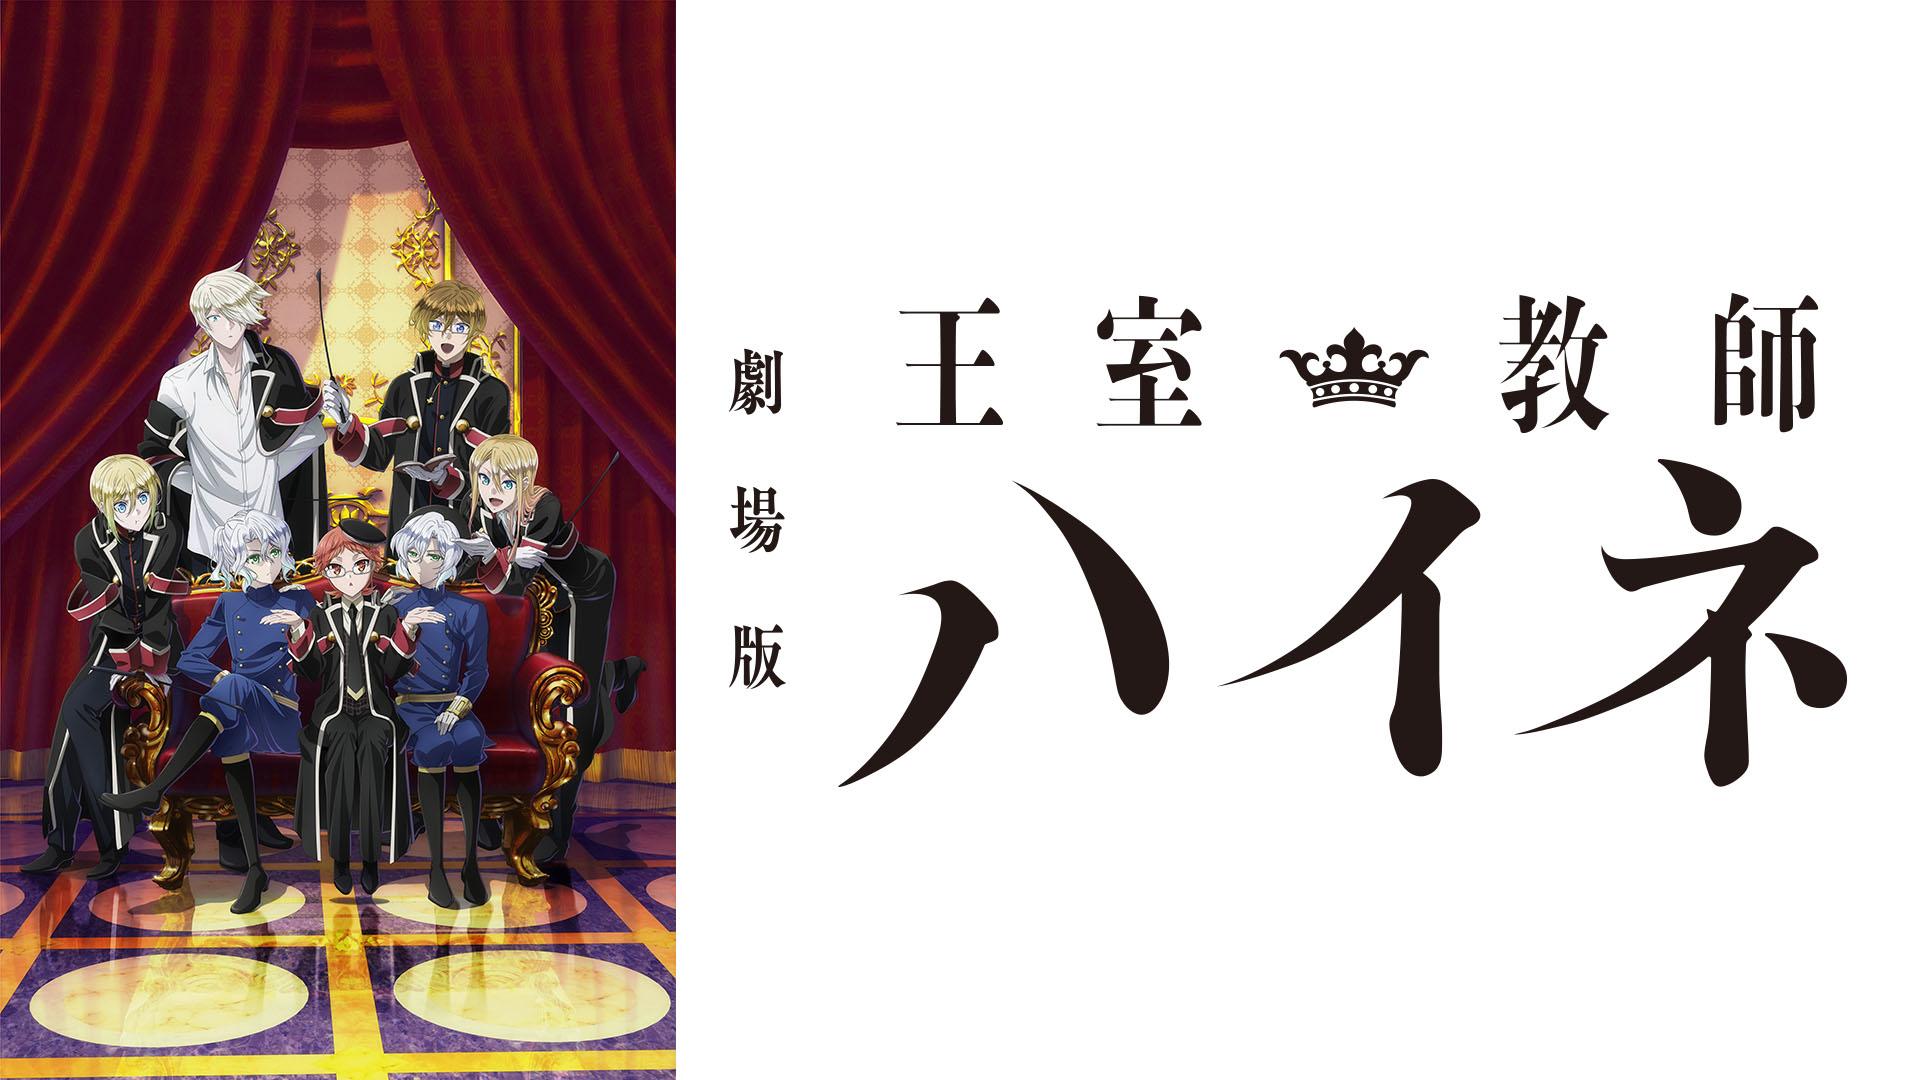 劇場版「王室教師ハイネ」(dアニメストア)